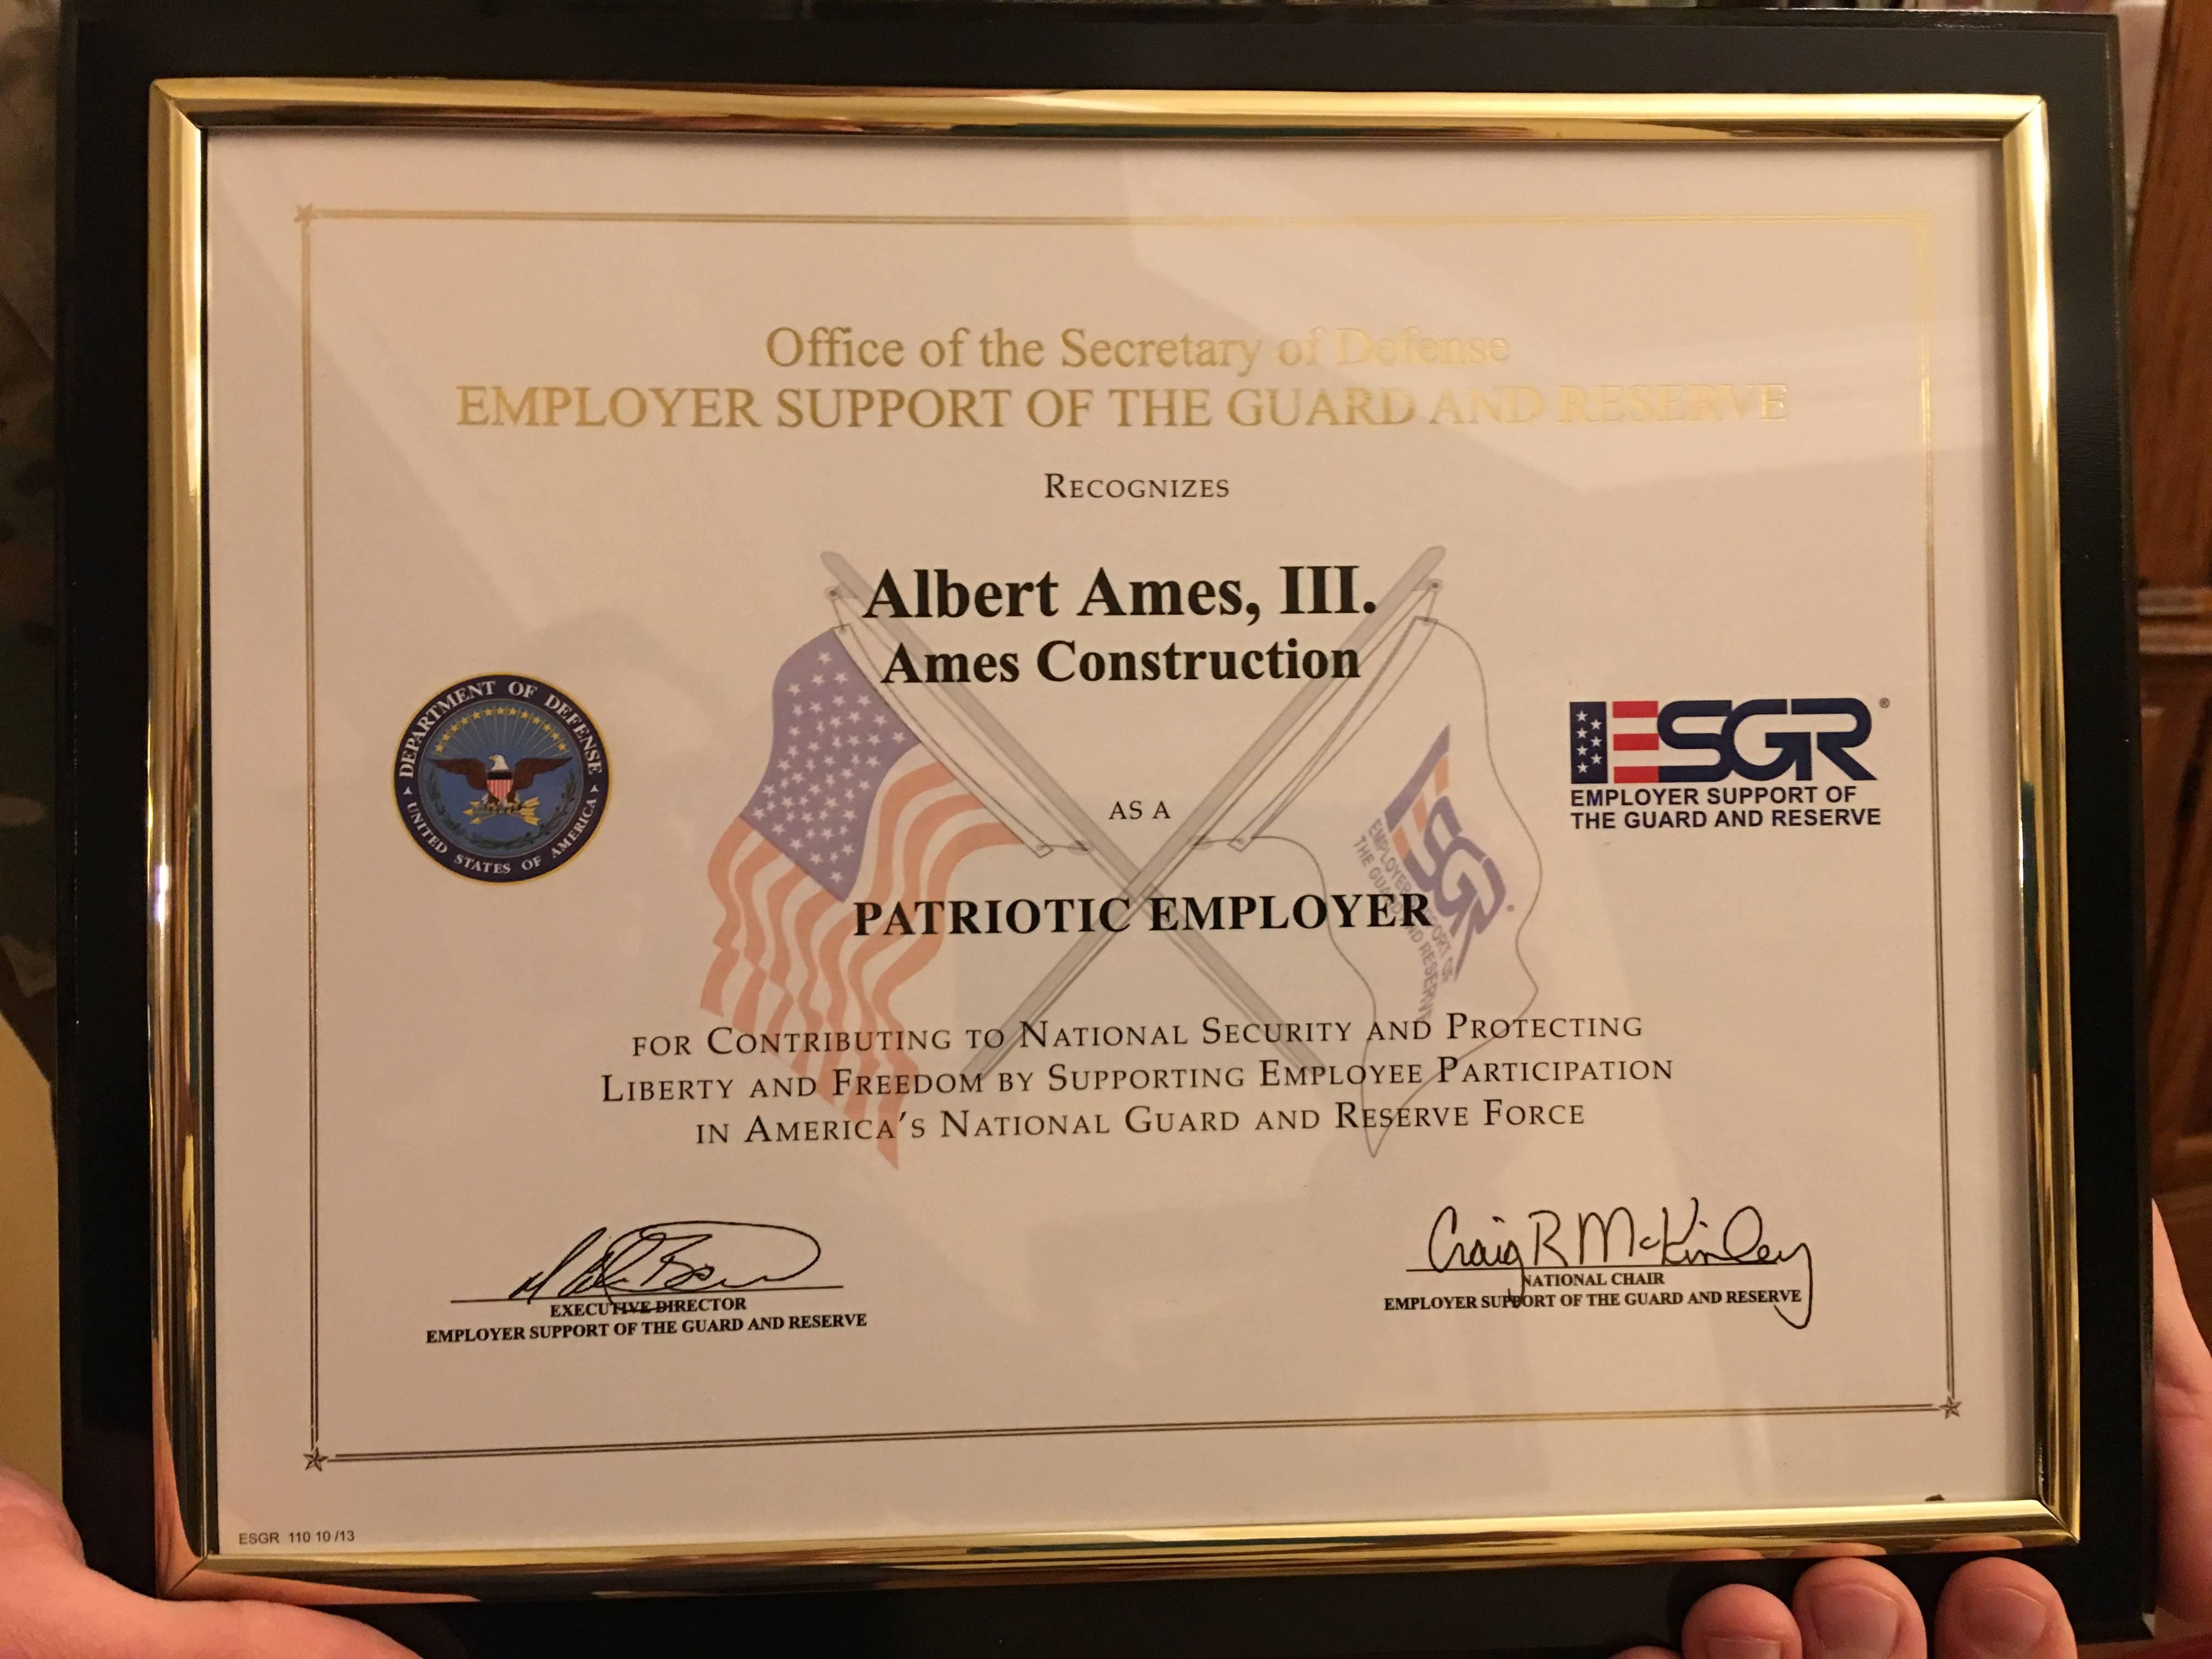 The ESGR Award